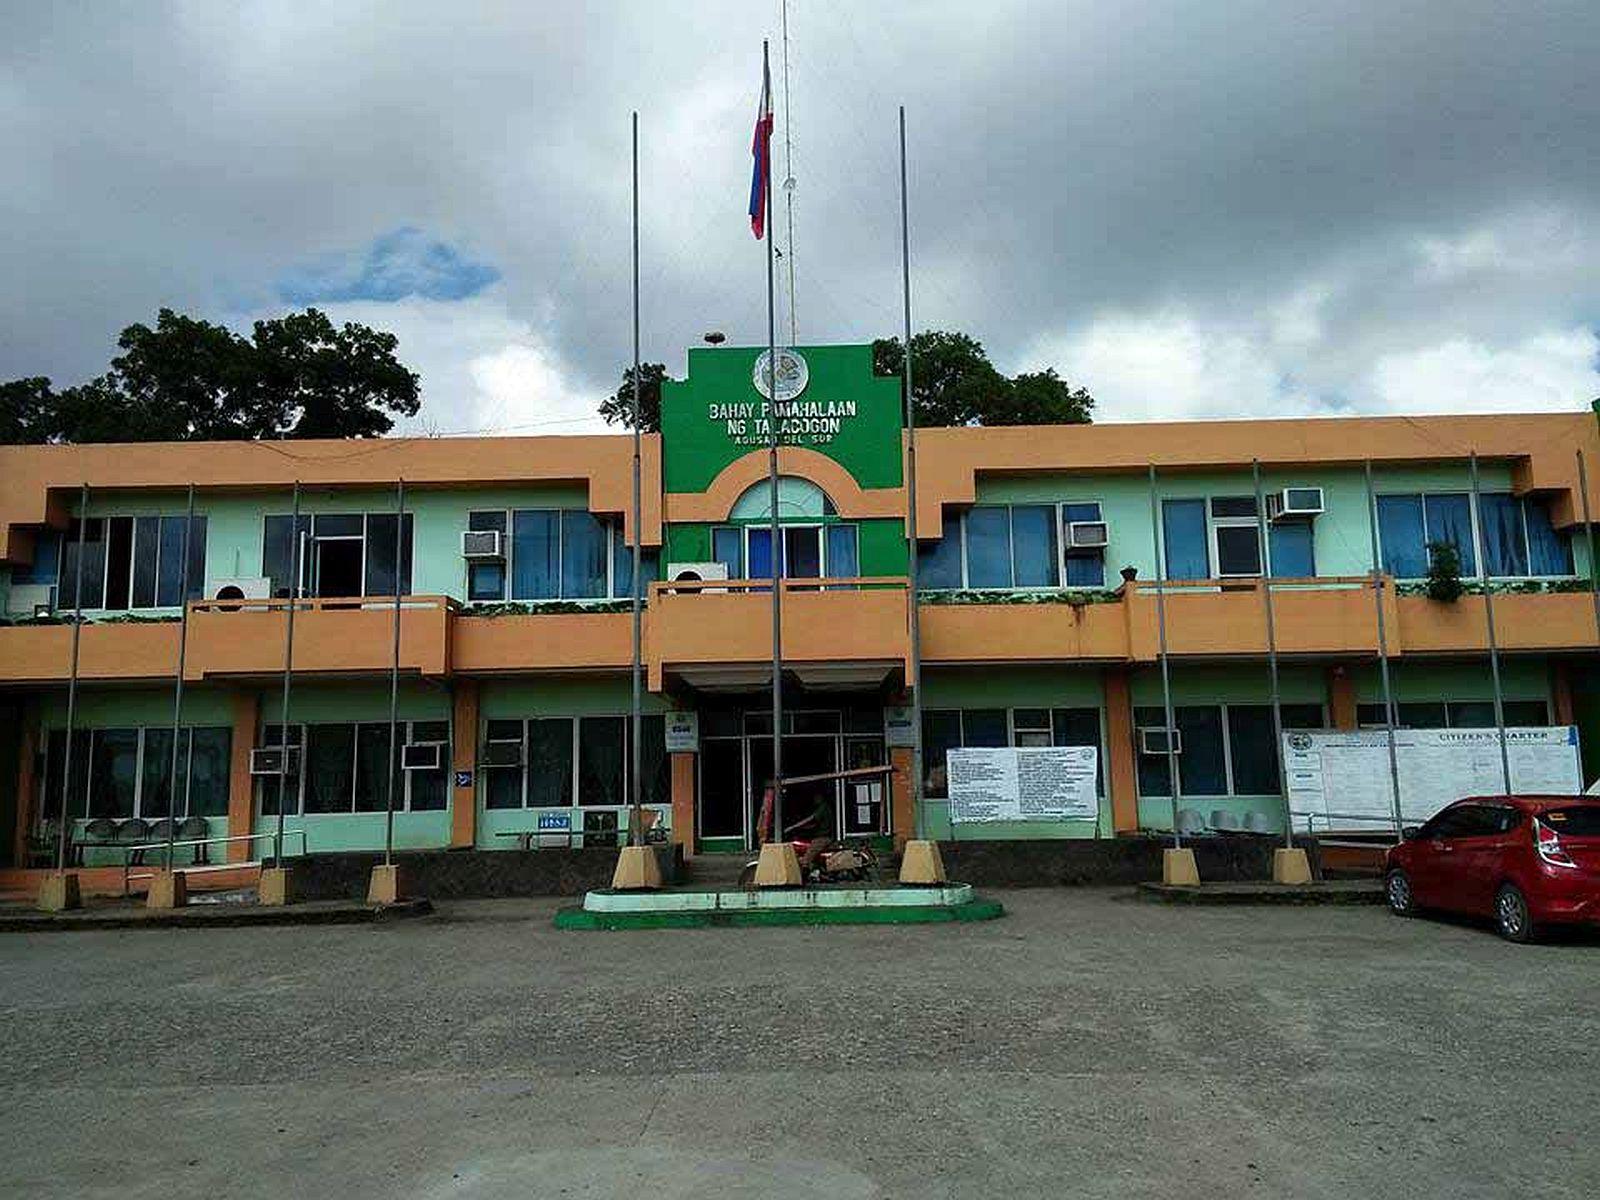 PHILIPPINEN REISEN - ORTE - MINDANAO - AGUSAN DEL SUR - Touristische Ortsbeschreibung für Talacogon